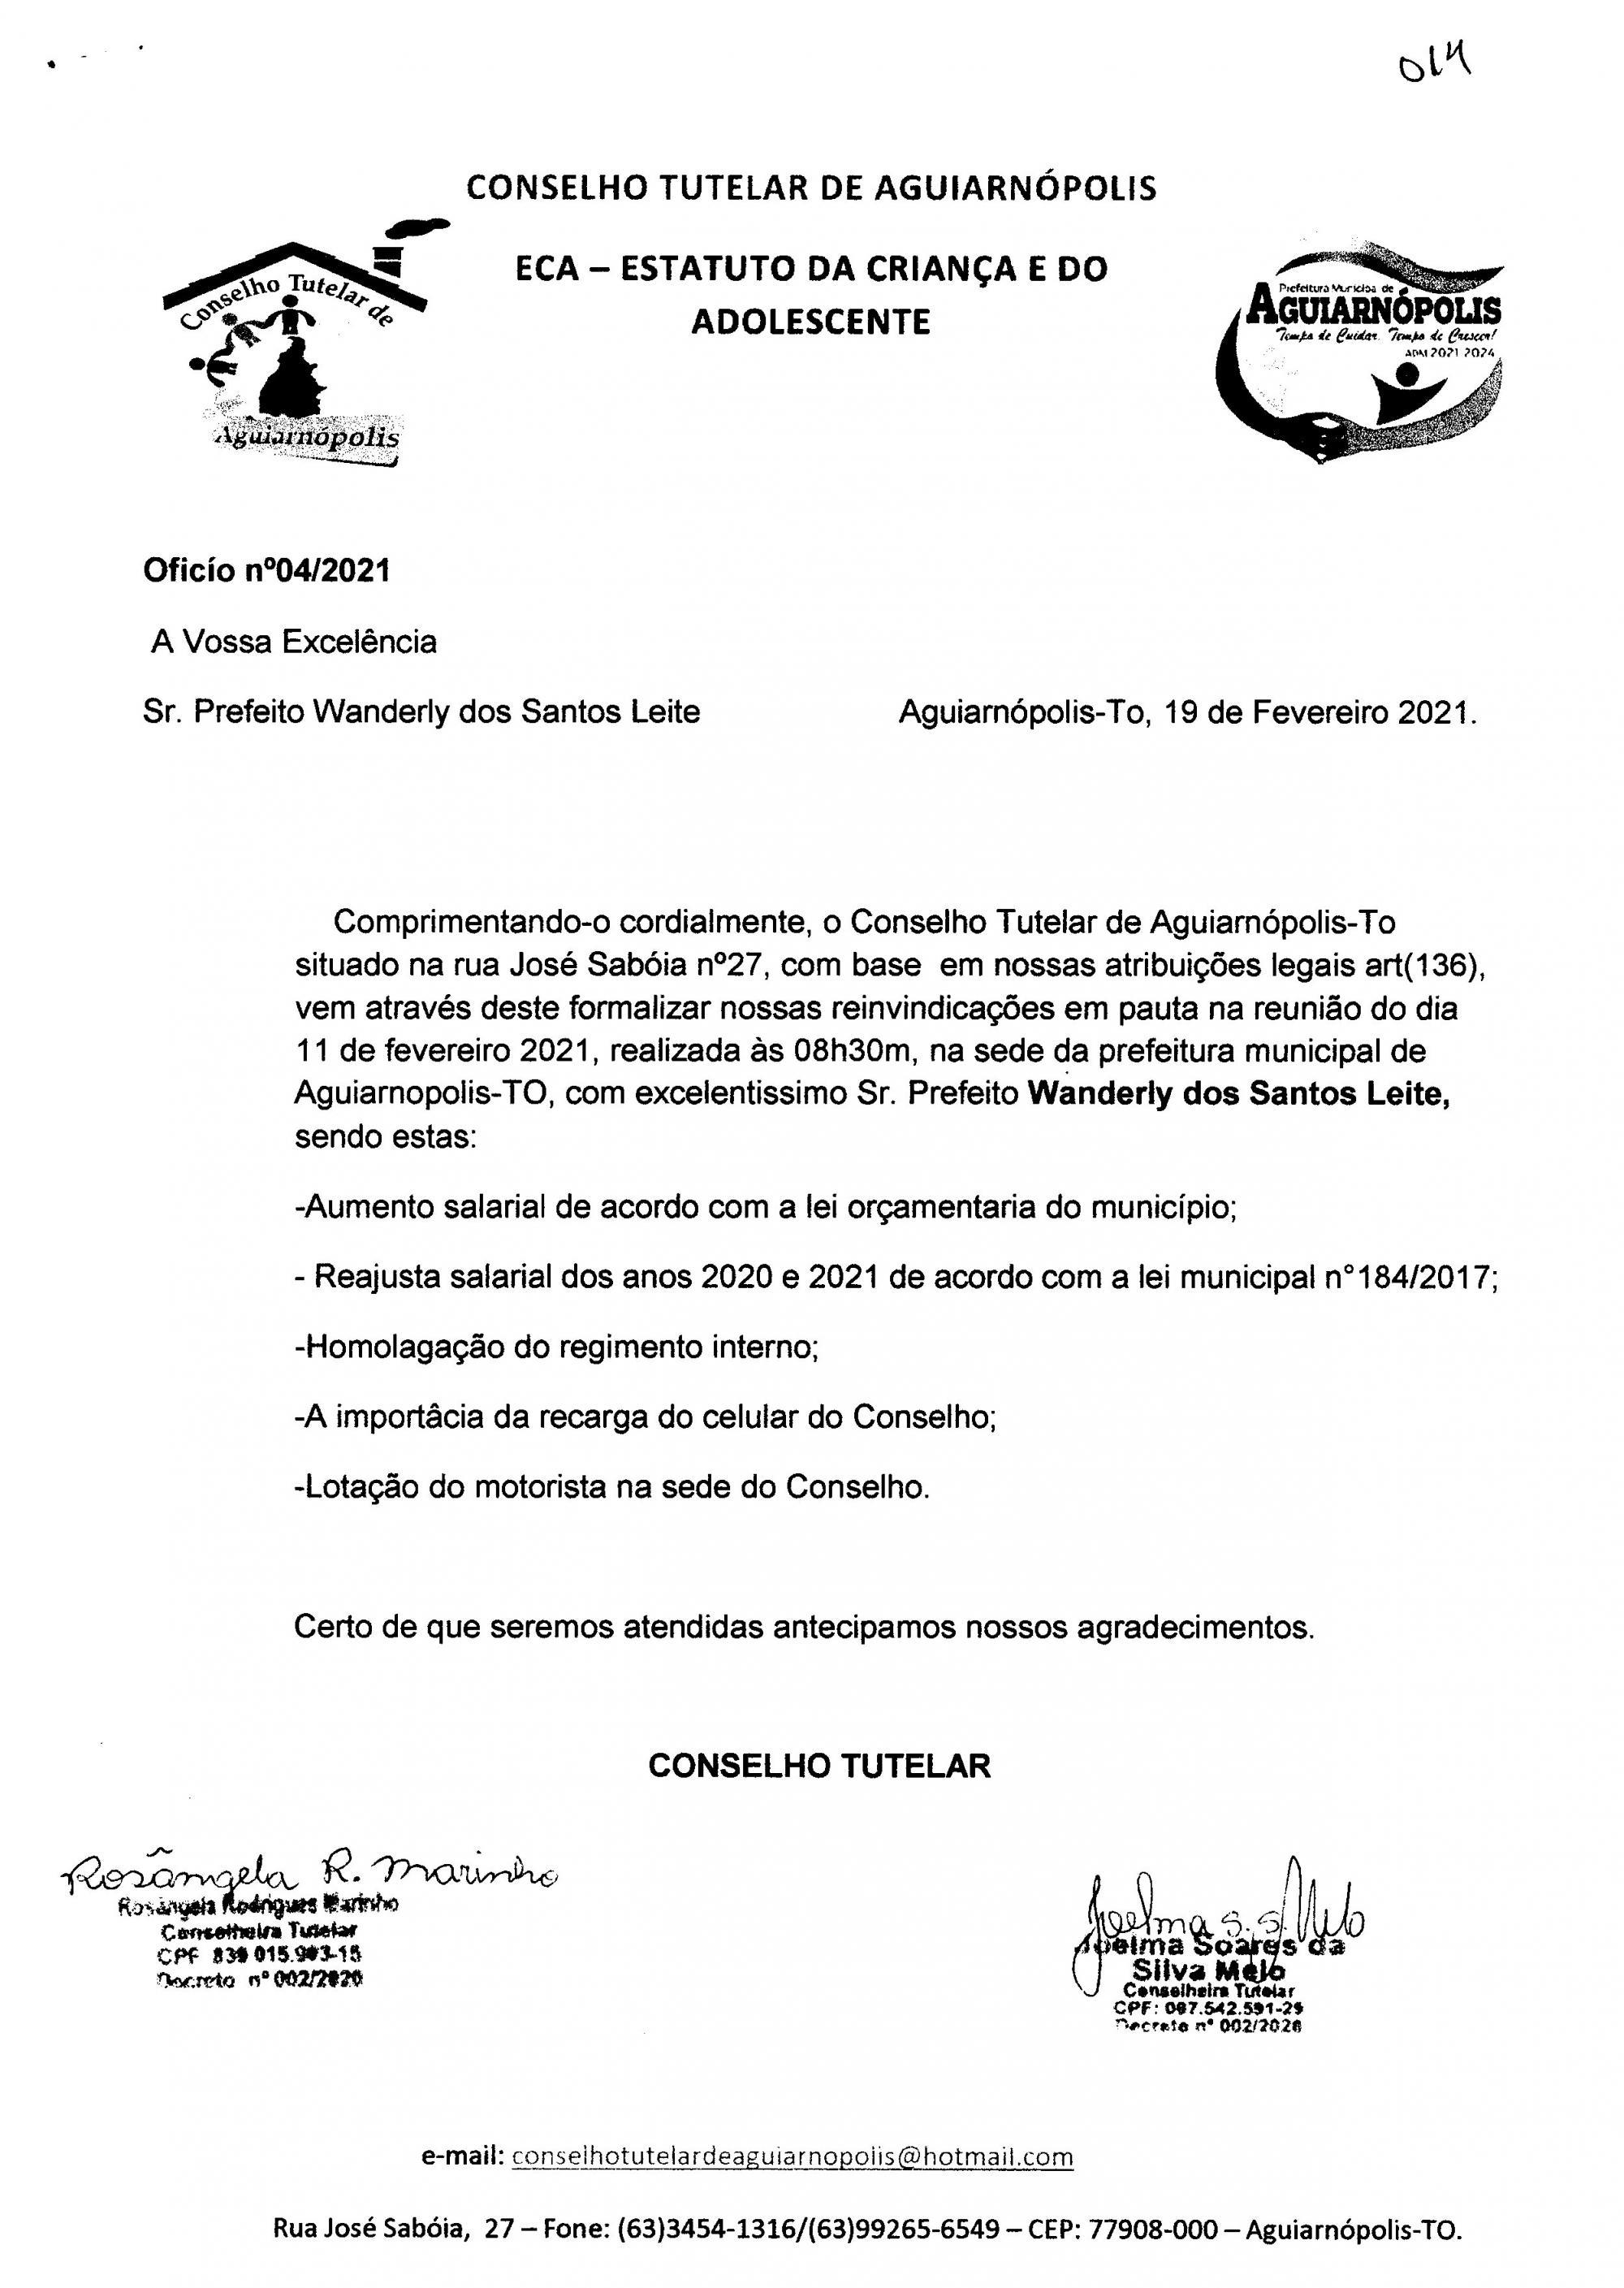 Prefeito autoriza reajuste salarial para Conselho Tutelar